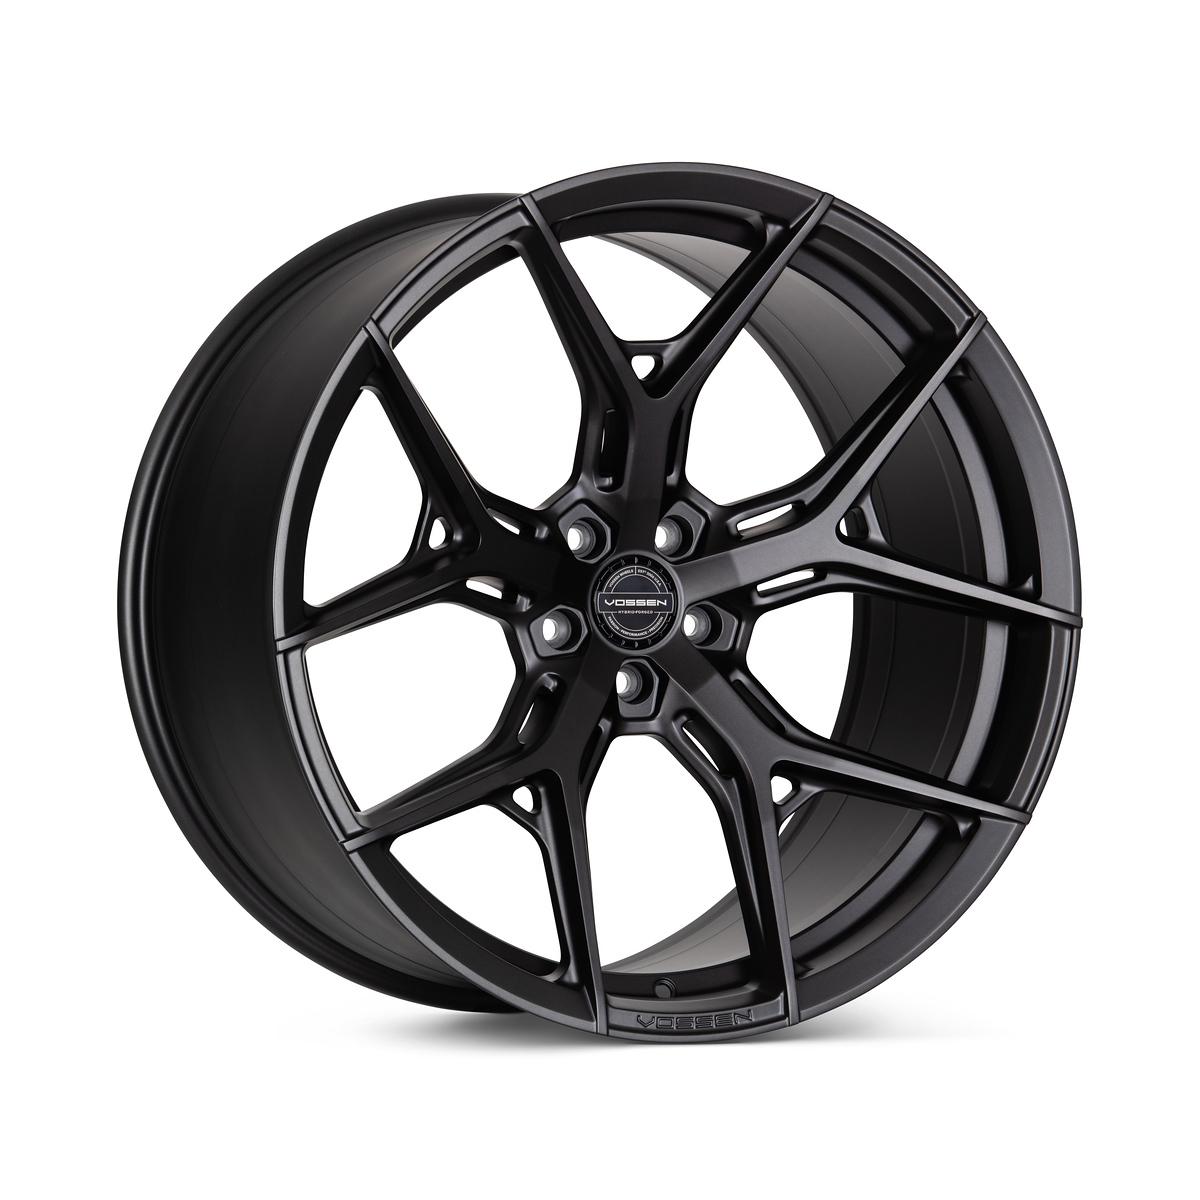 vossen-hf-5---c31-matte-gunmetal---hybrid-forged-series-----vossen-wheels-2019----0011_49178900238_o-X3.jpg